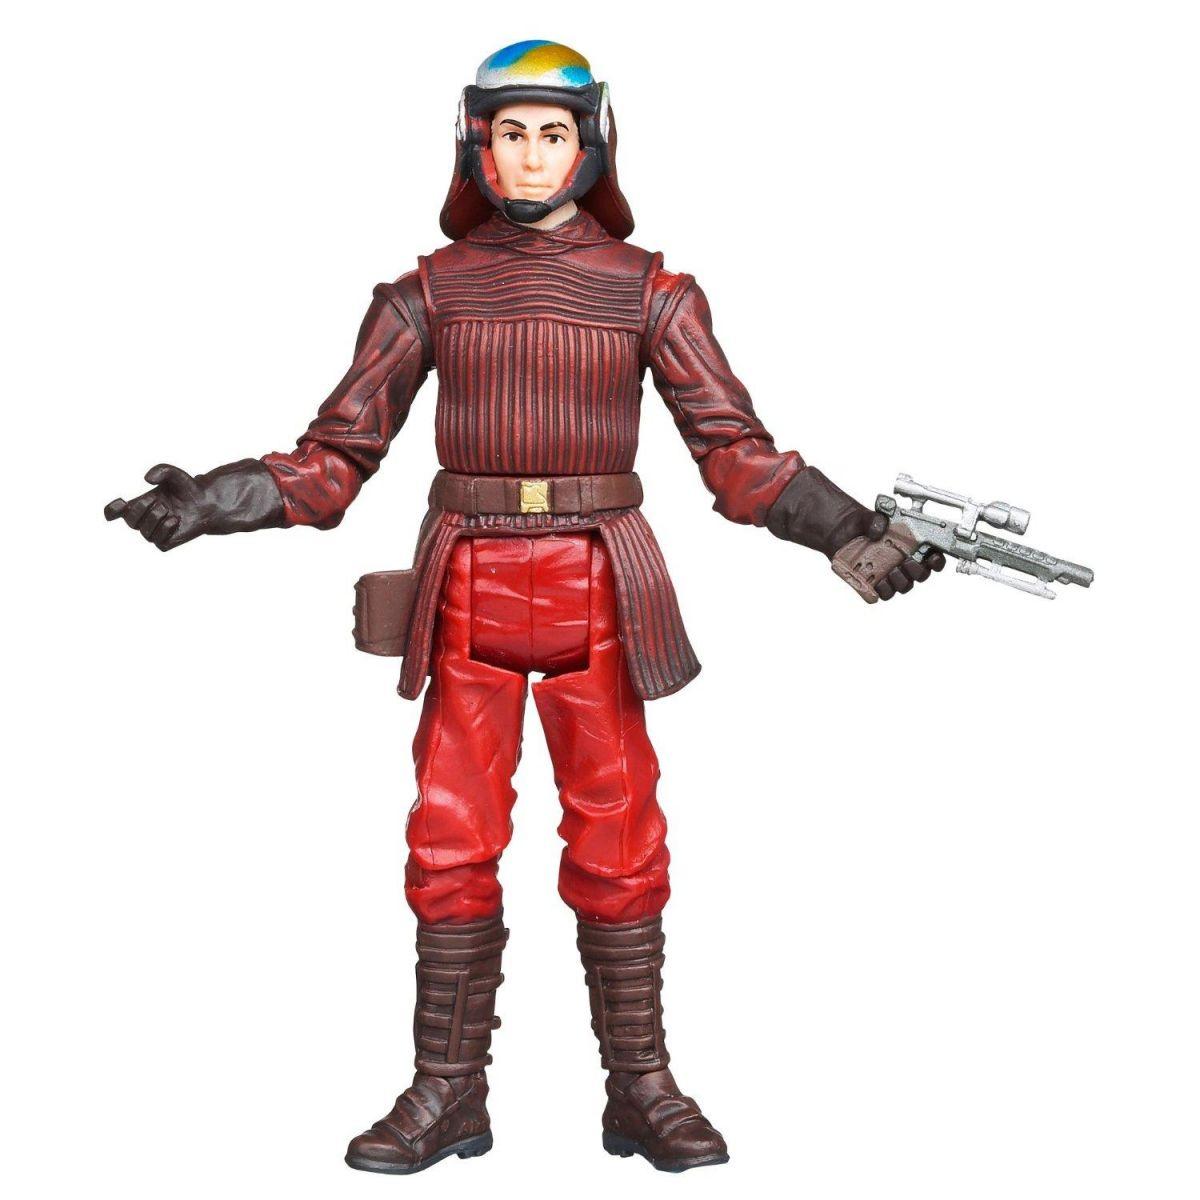 Hasbro Star Wars Speciální sběratelské figurky retro - Naboo Royal Guard